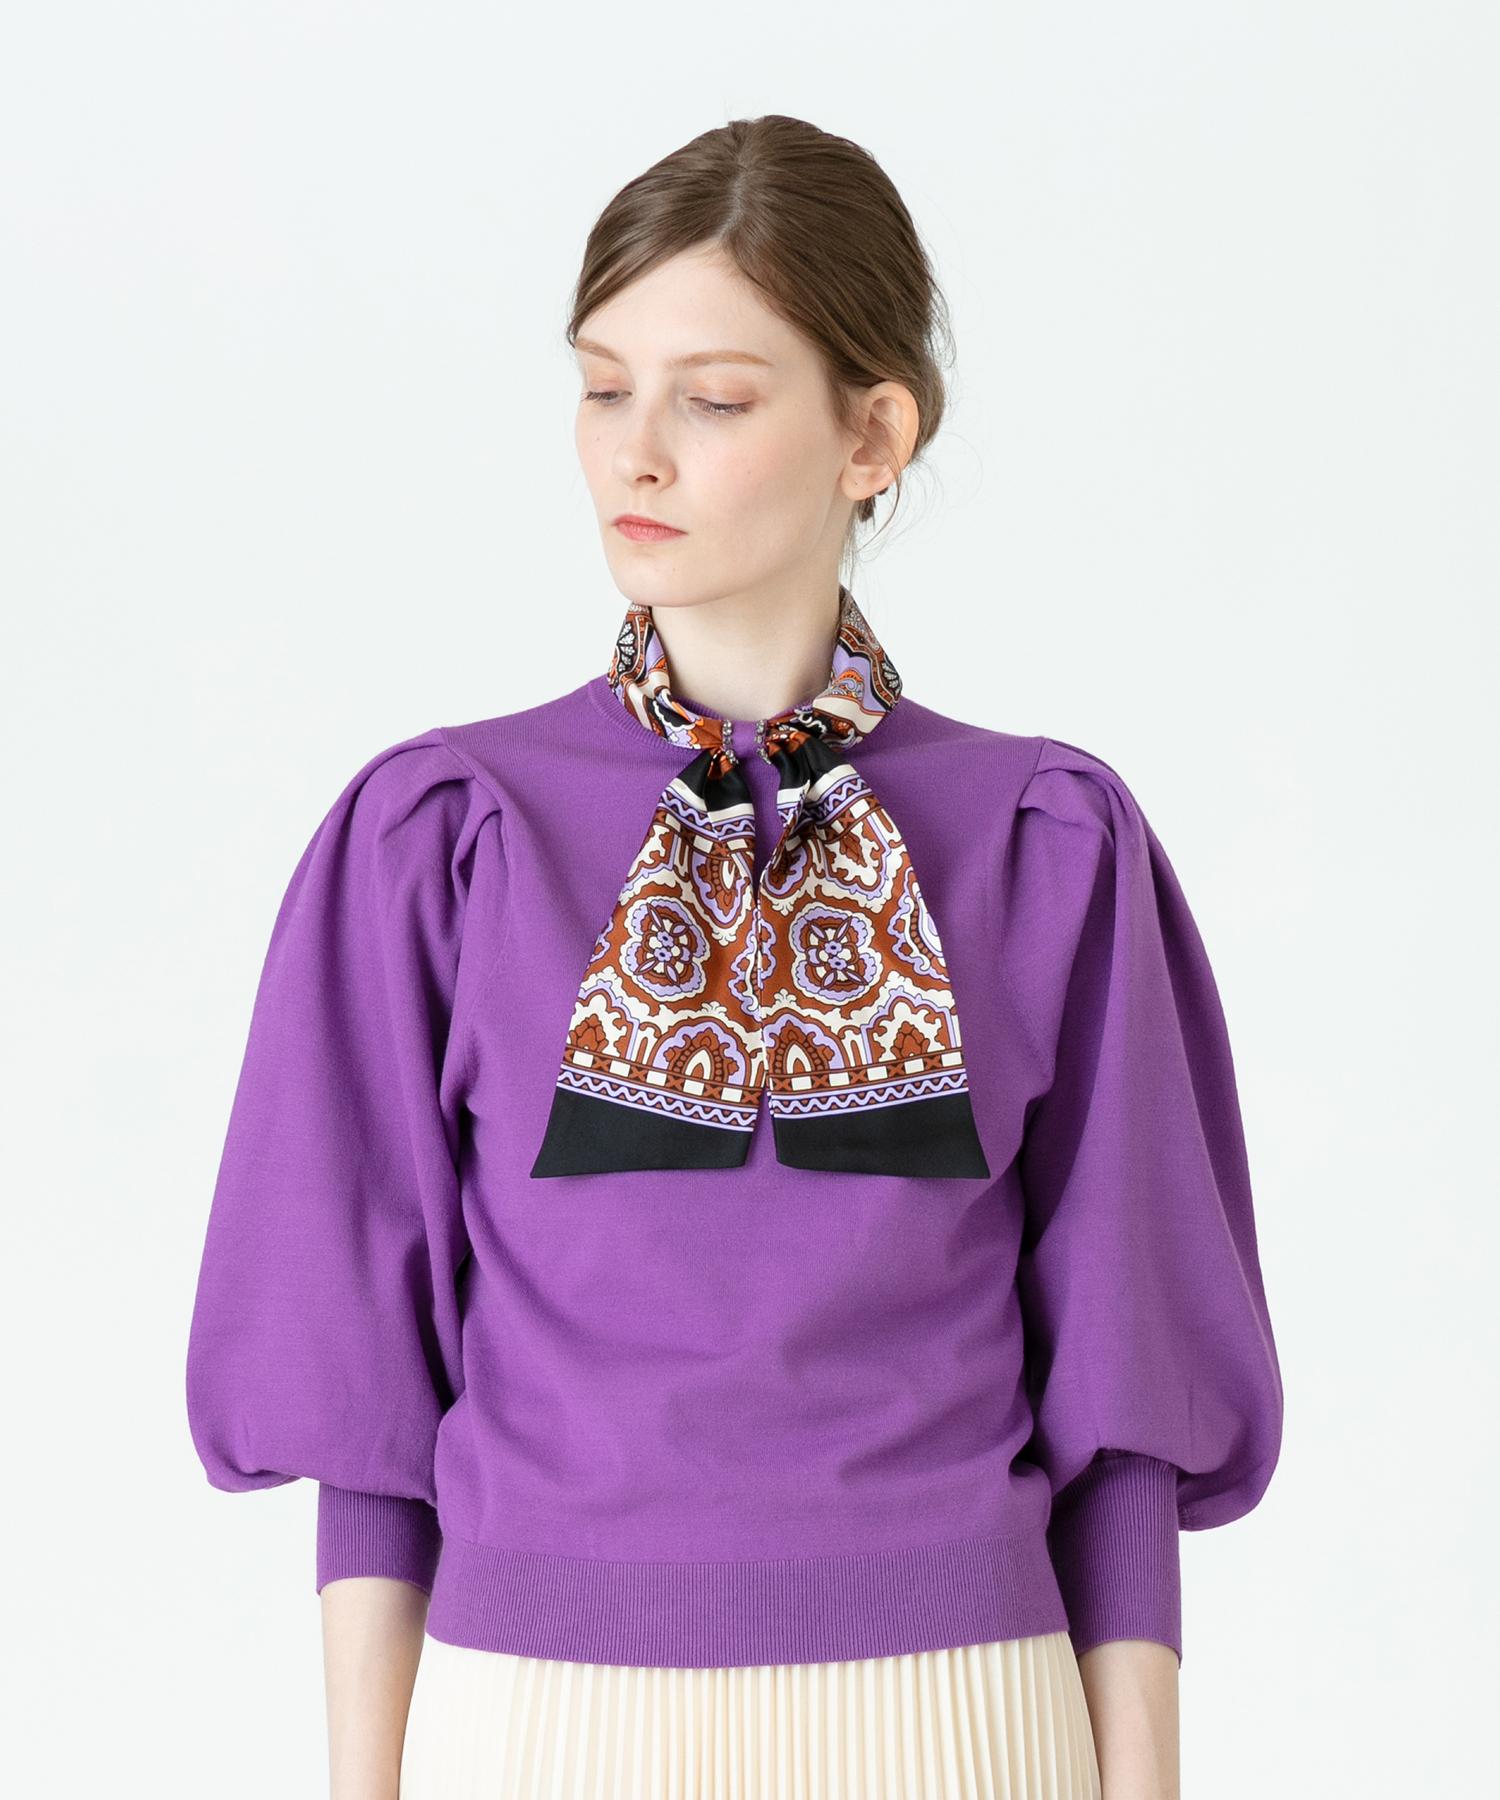 【Loulou Willoughby】スカーフ付きプルオーバー